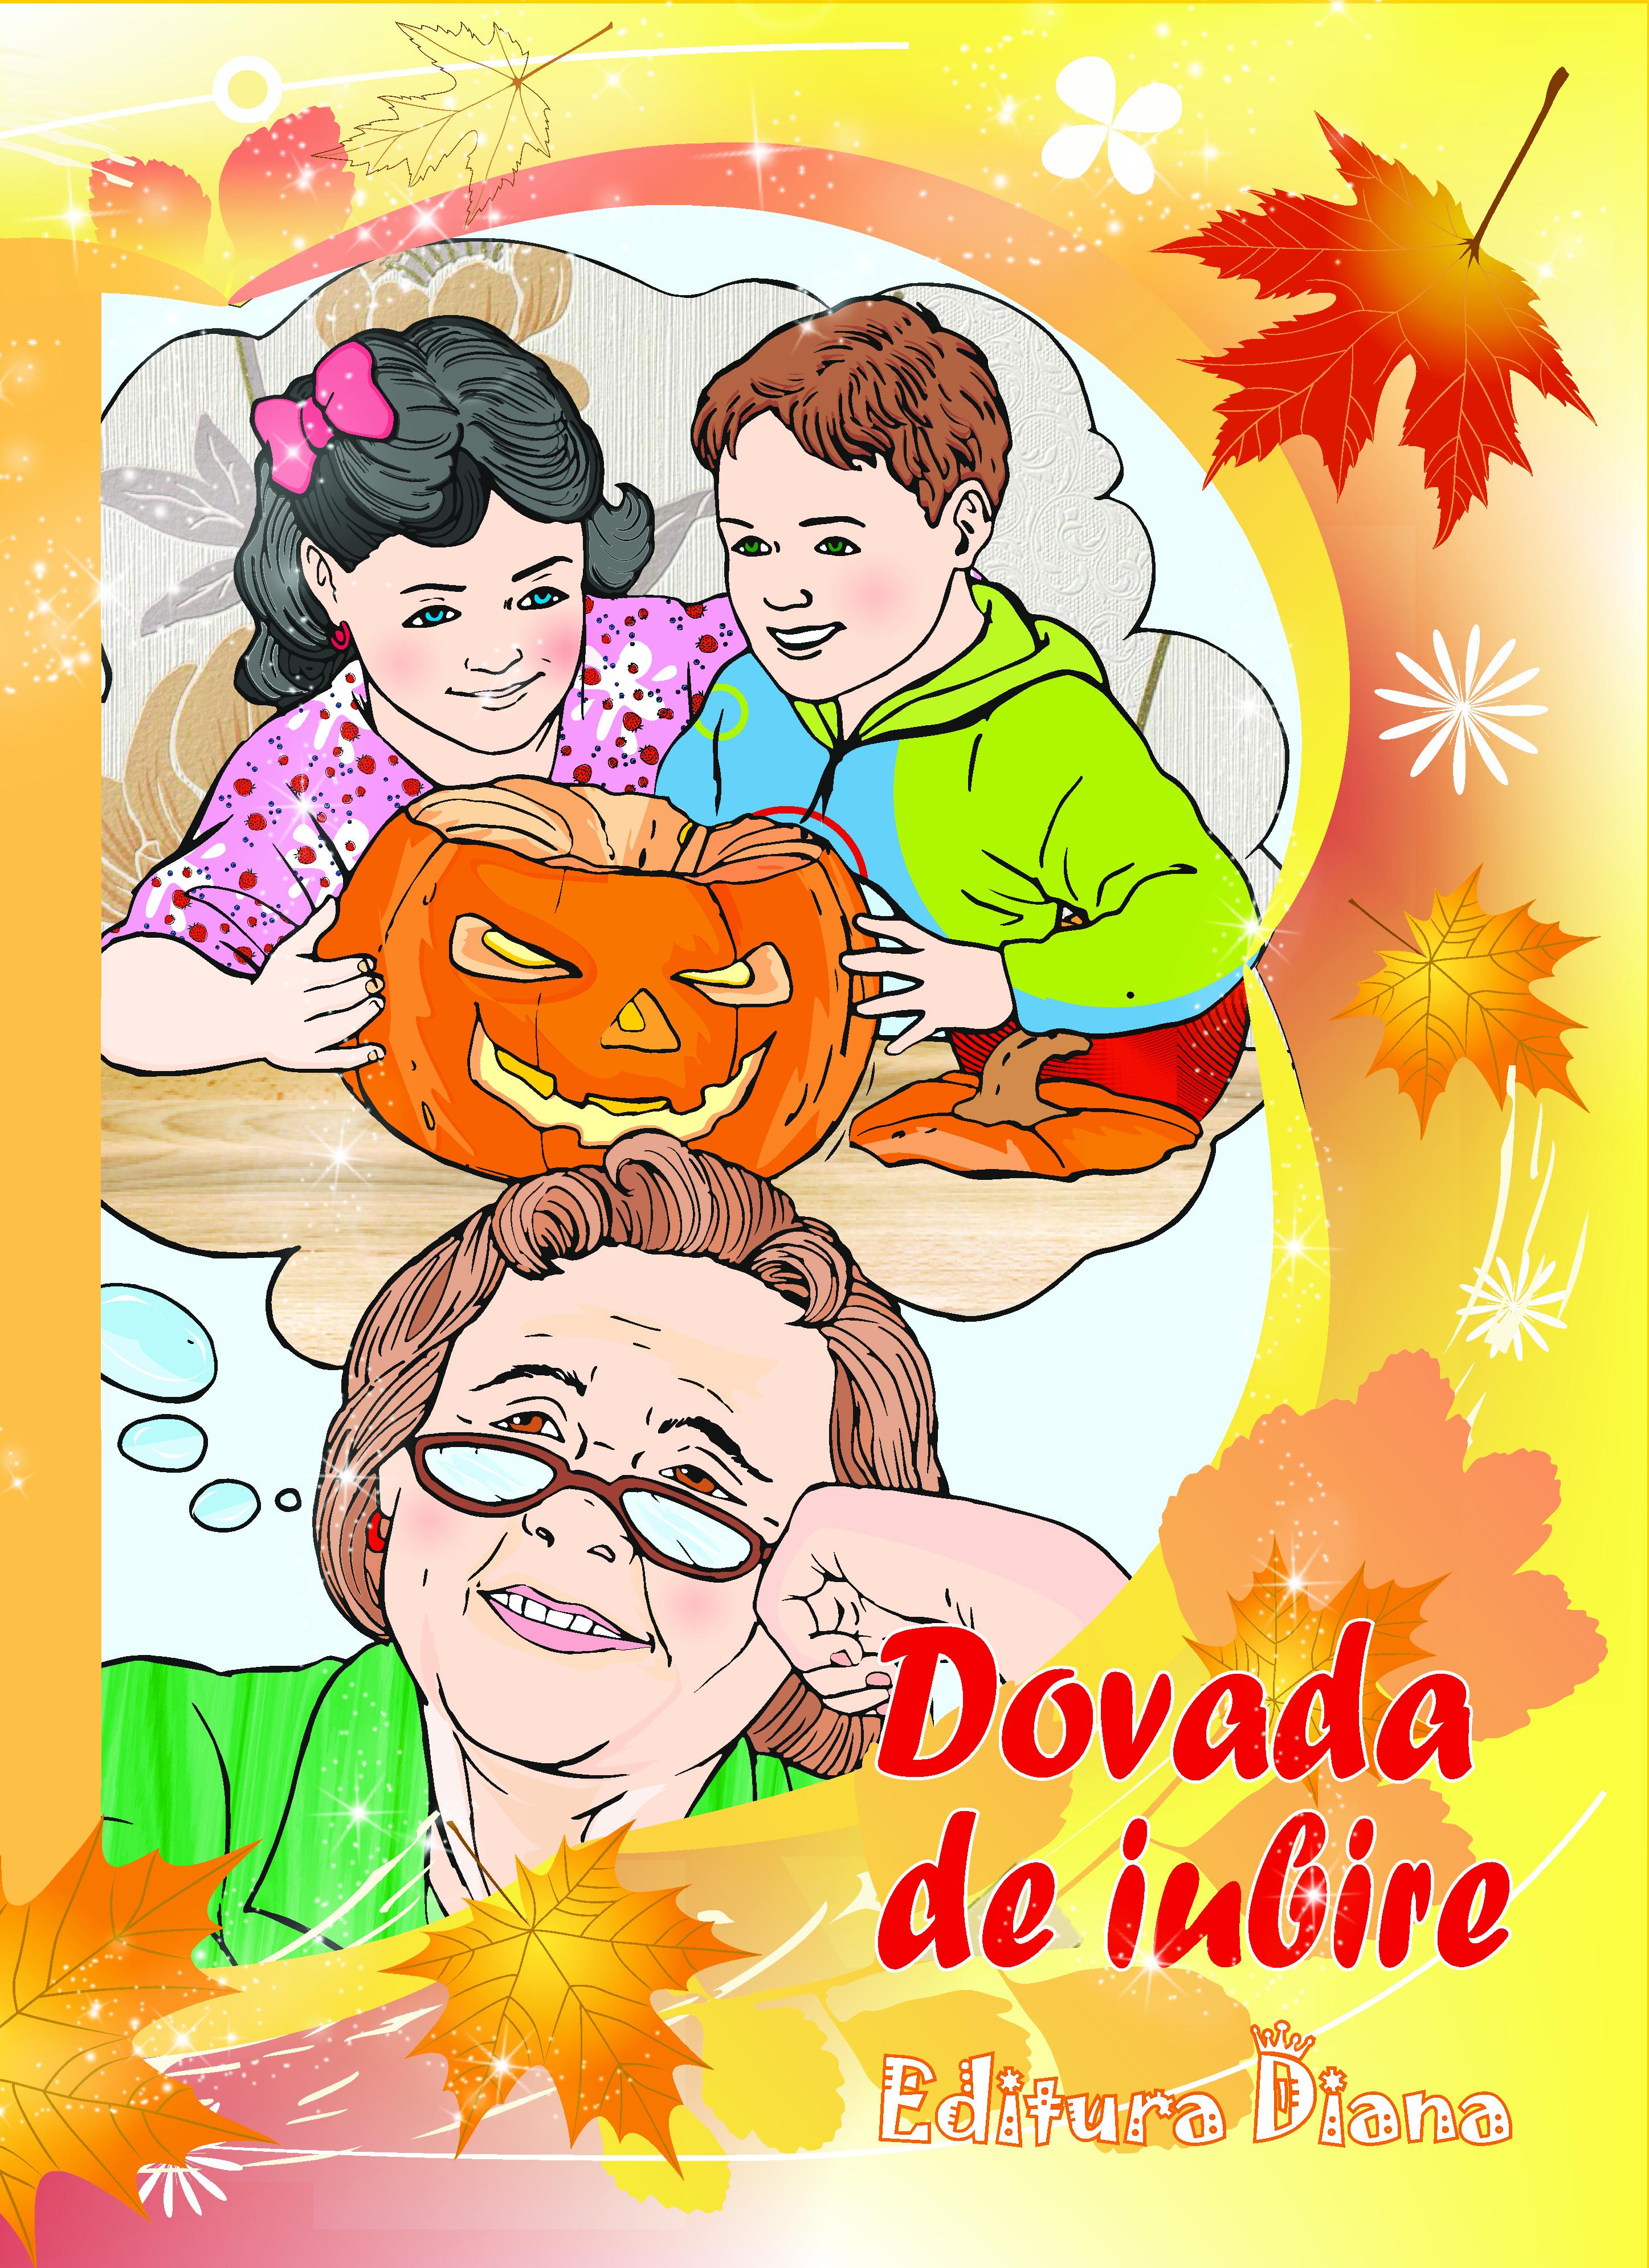 Carte personalizată - (Numele copilului dumneavoastră) și dovadă de iubire (Halloween) imagine edituradiana.ro